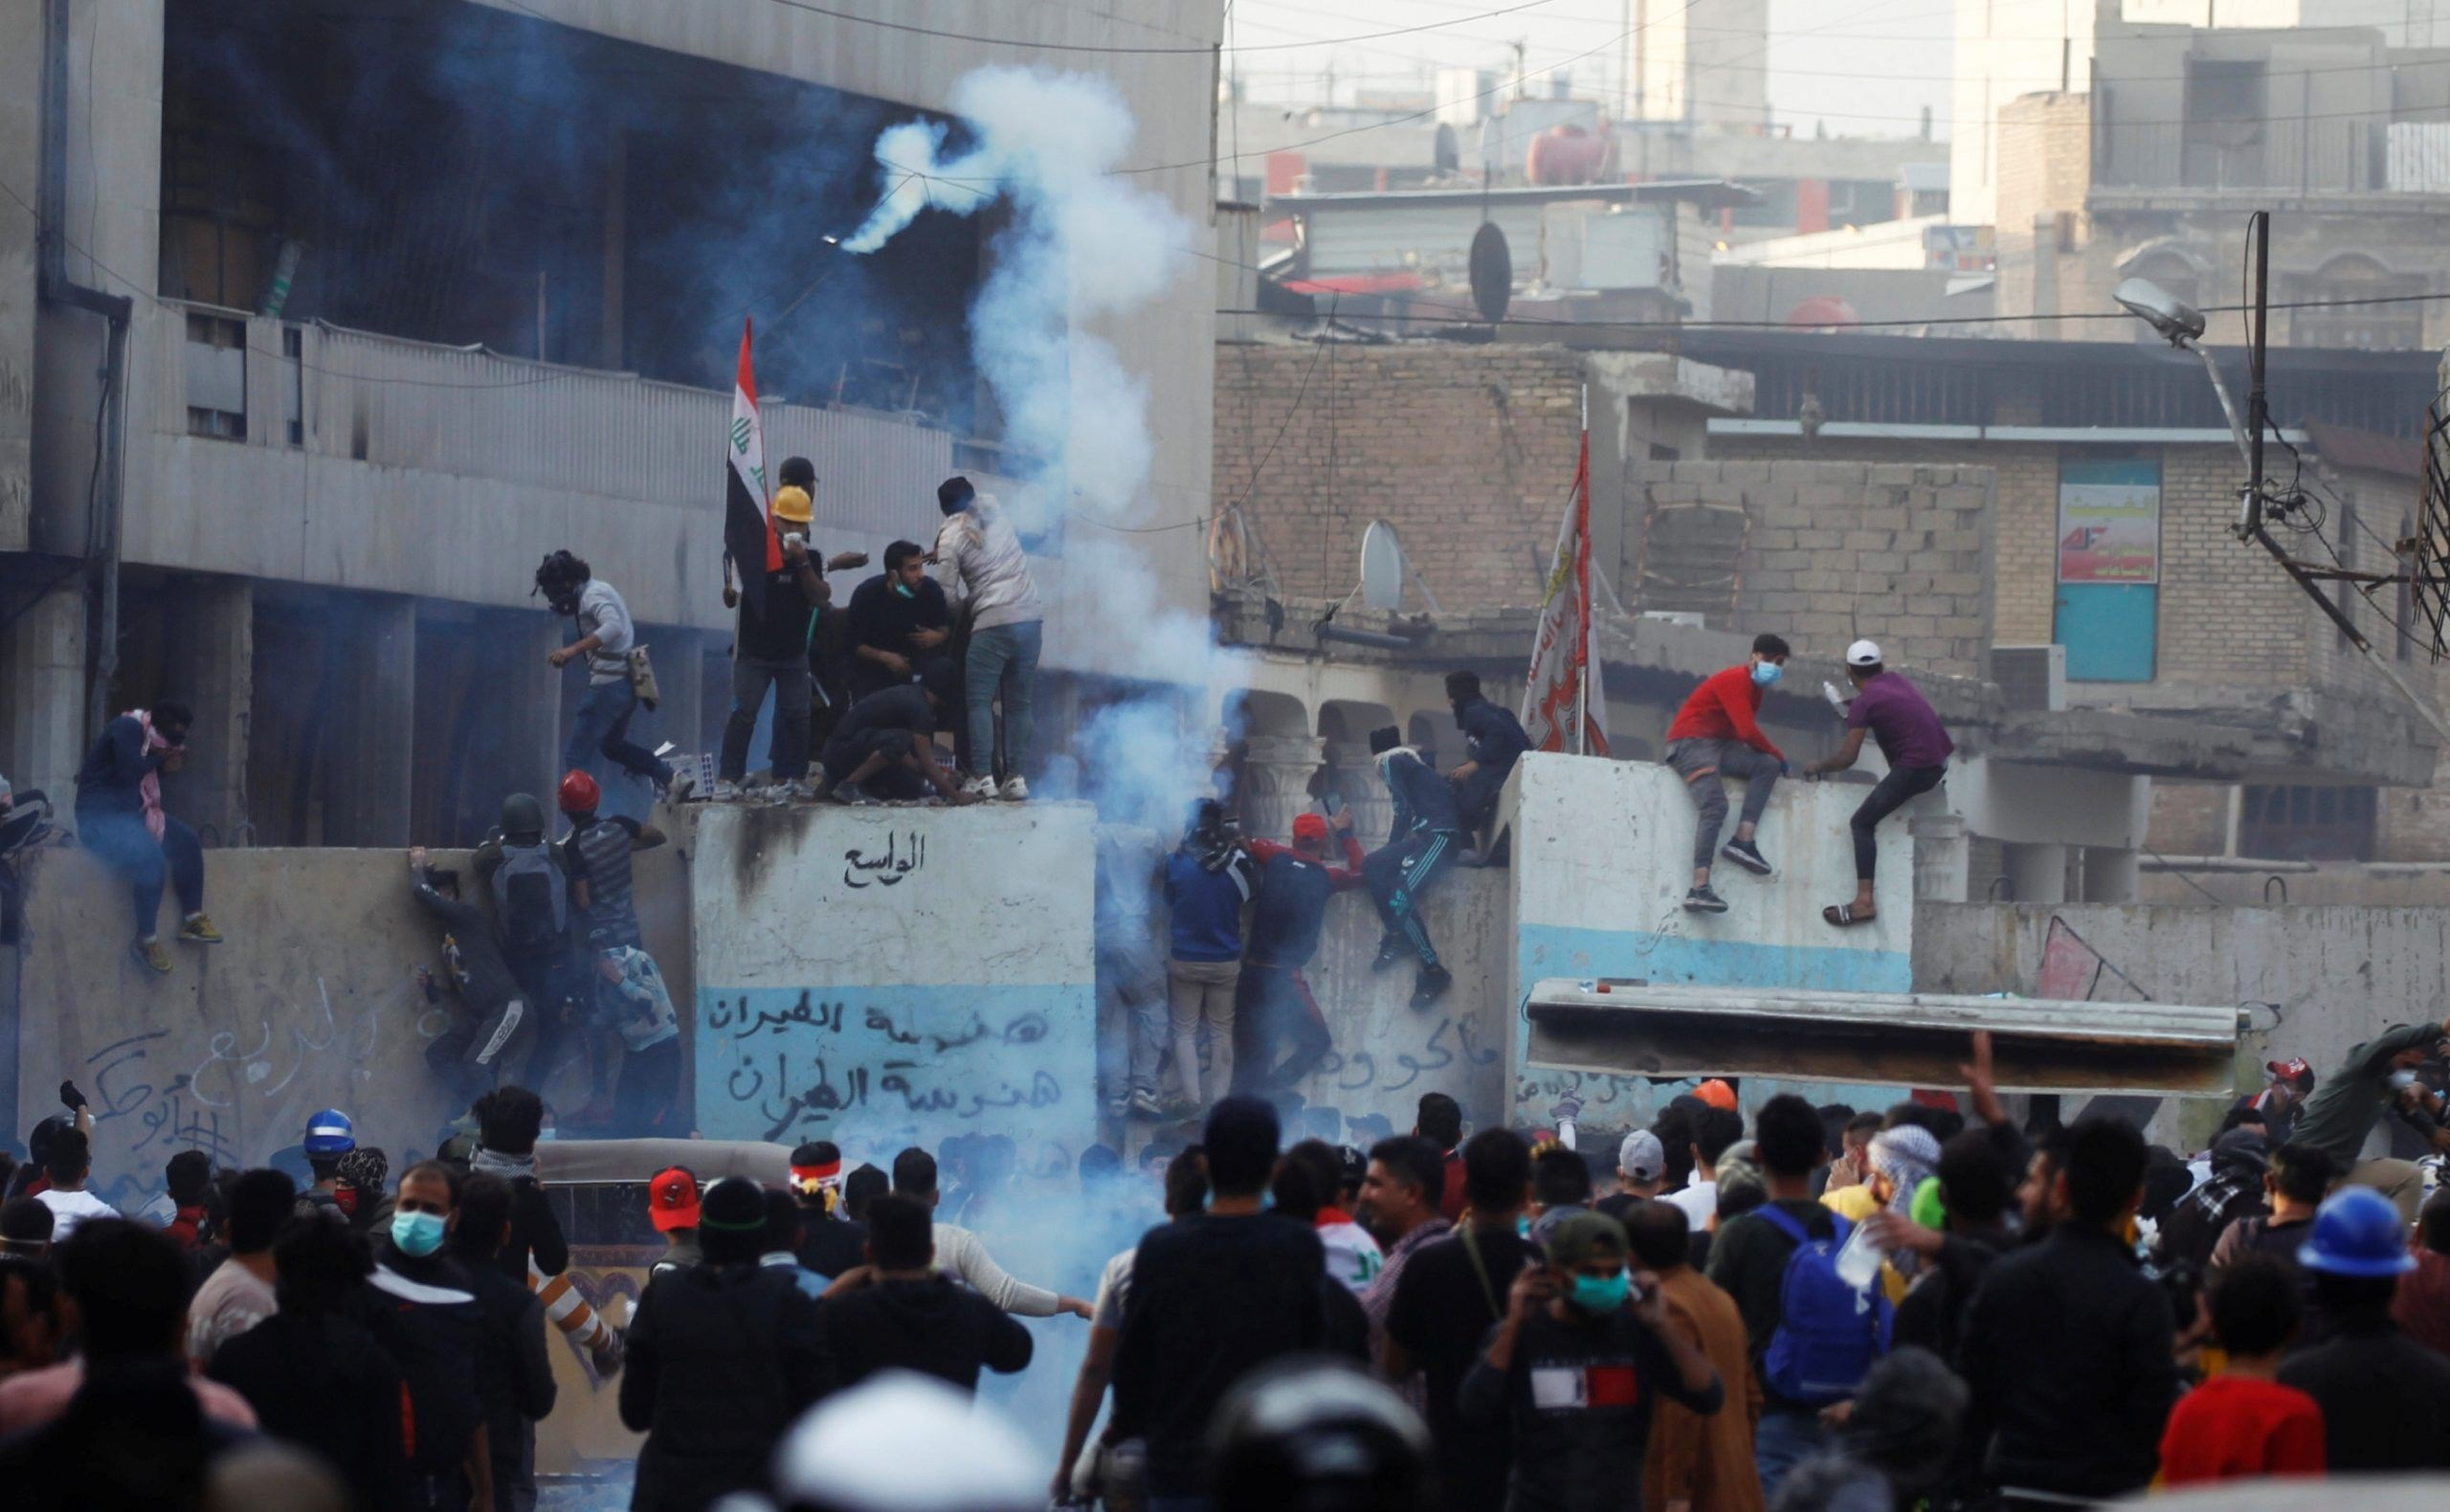 العراق: عبد المهدي يأمر بتشكيل لجنة تحقيق في أحداث النجف